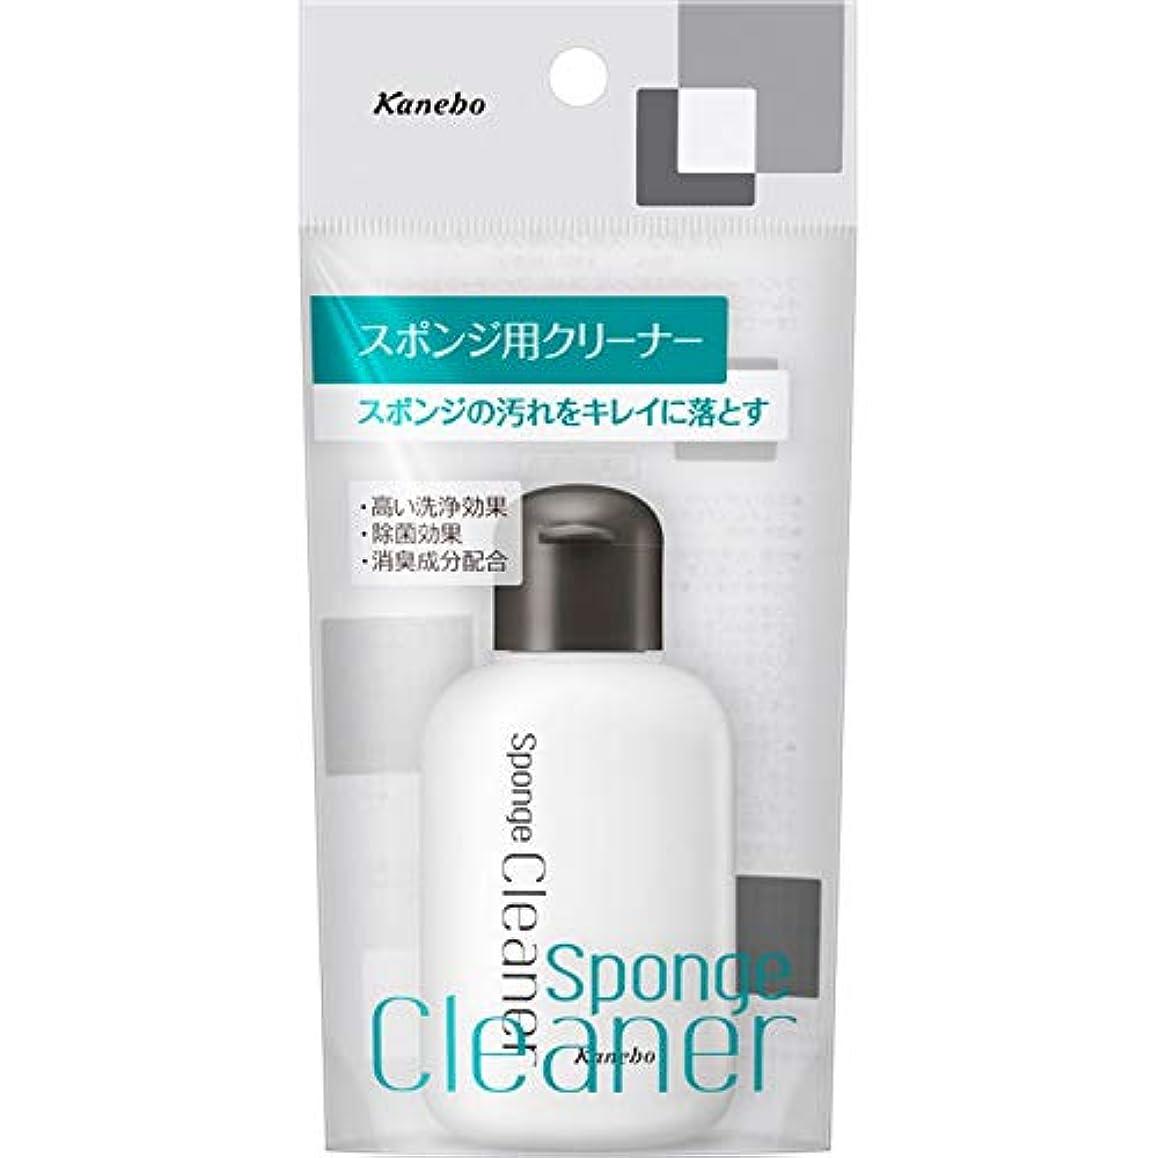 栄光プランテーション刈るカネボウ化粧品 スポンジ用クリーナー 55ml